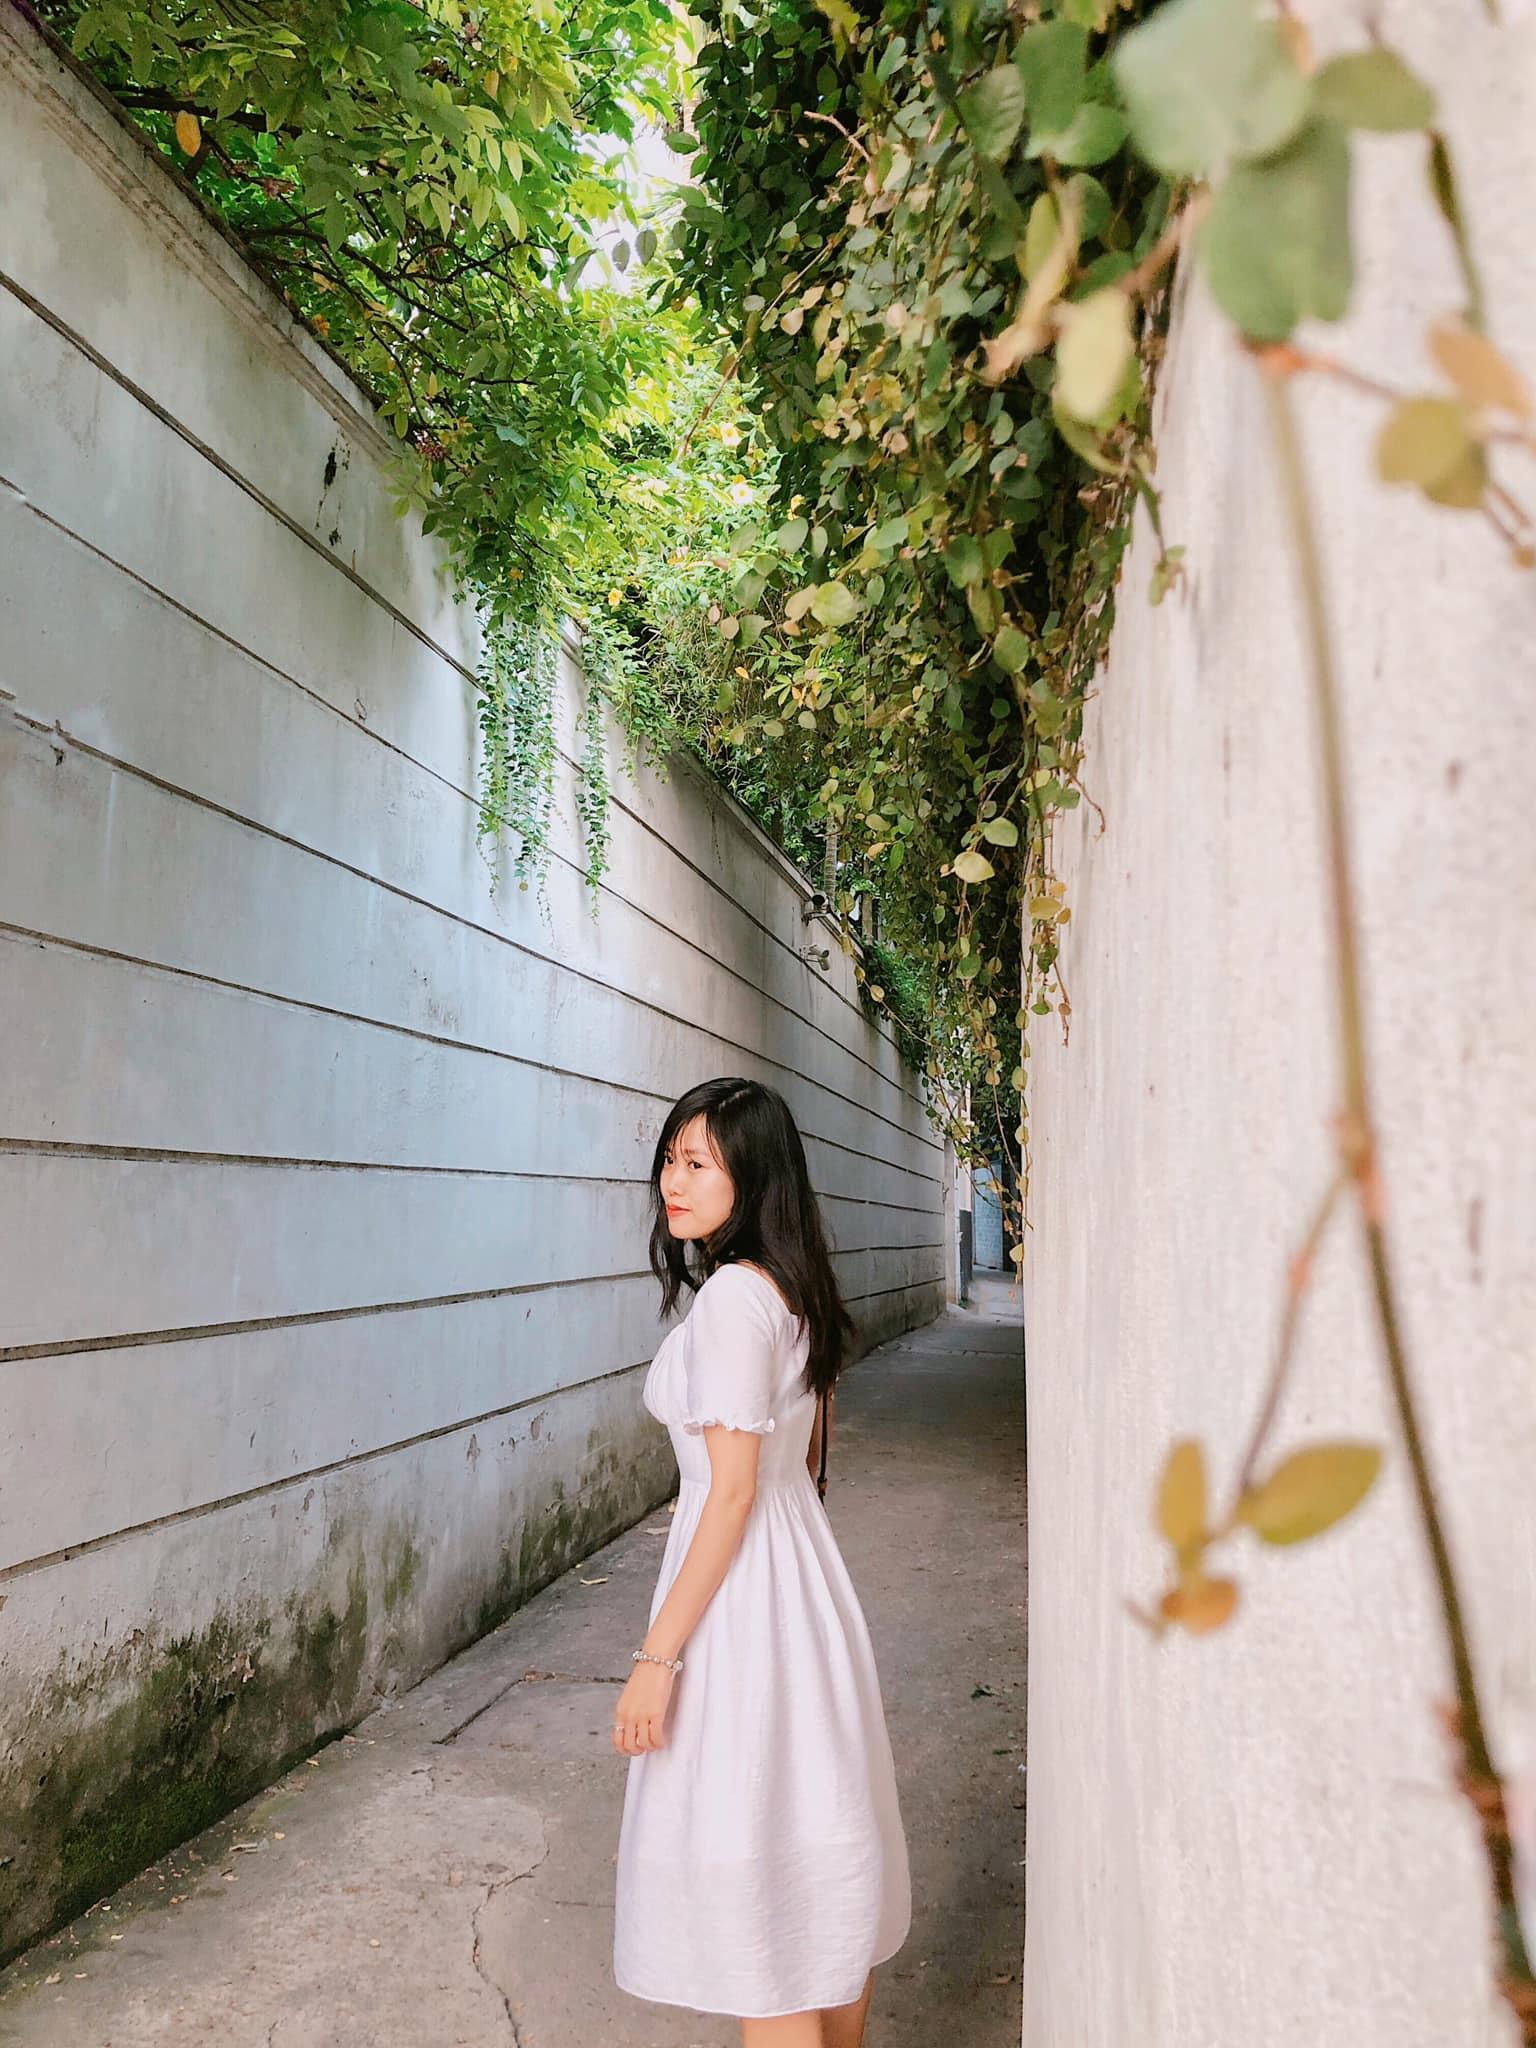 hanoi_dia-diem-hot-o-ha-noi-26